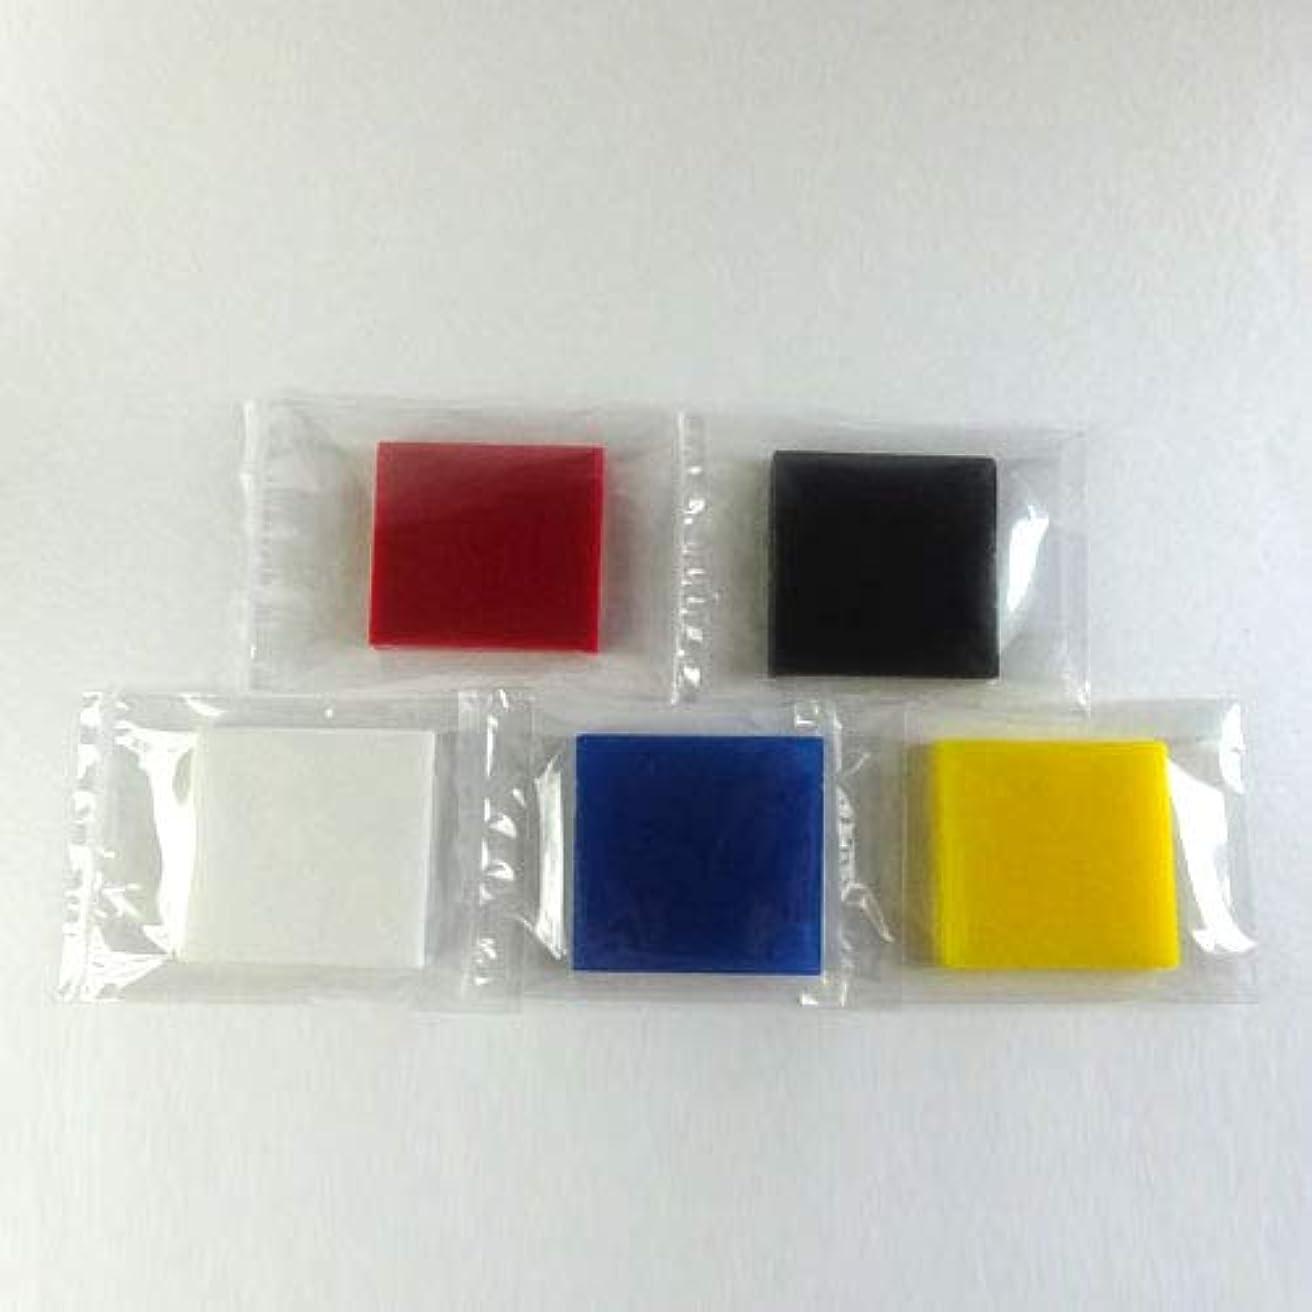 ベース速い単位グリセリンソープ MPソープ 色チップ 5色(赤?青?黄?白?黒) 各120g(30g x 4pc)